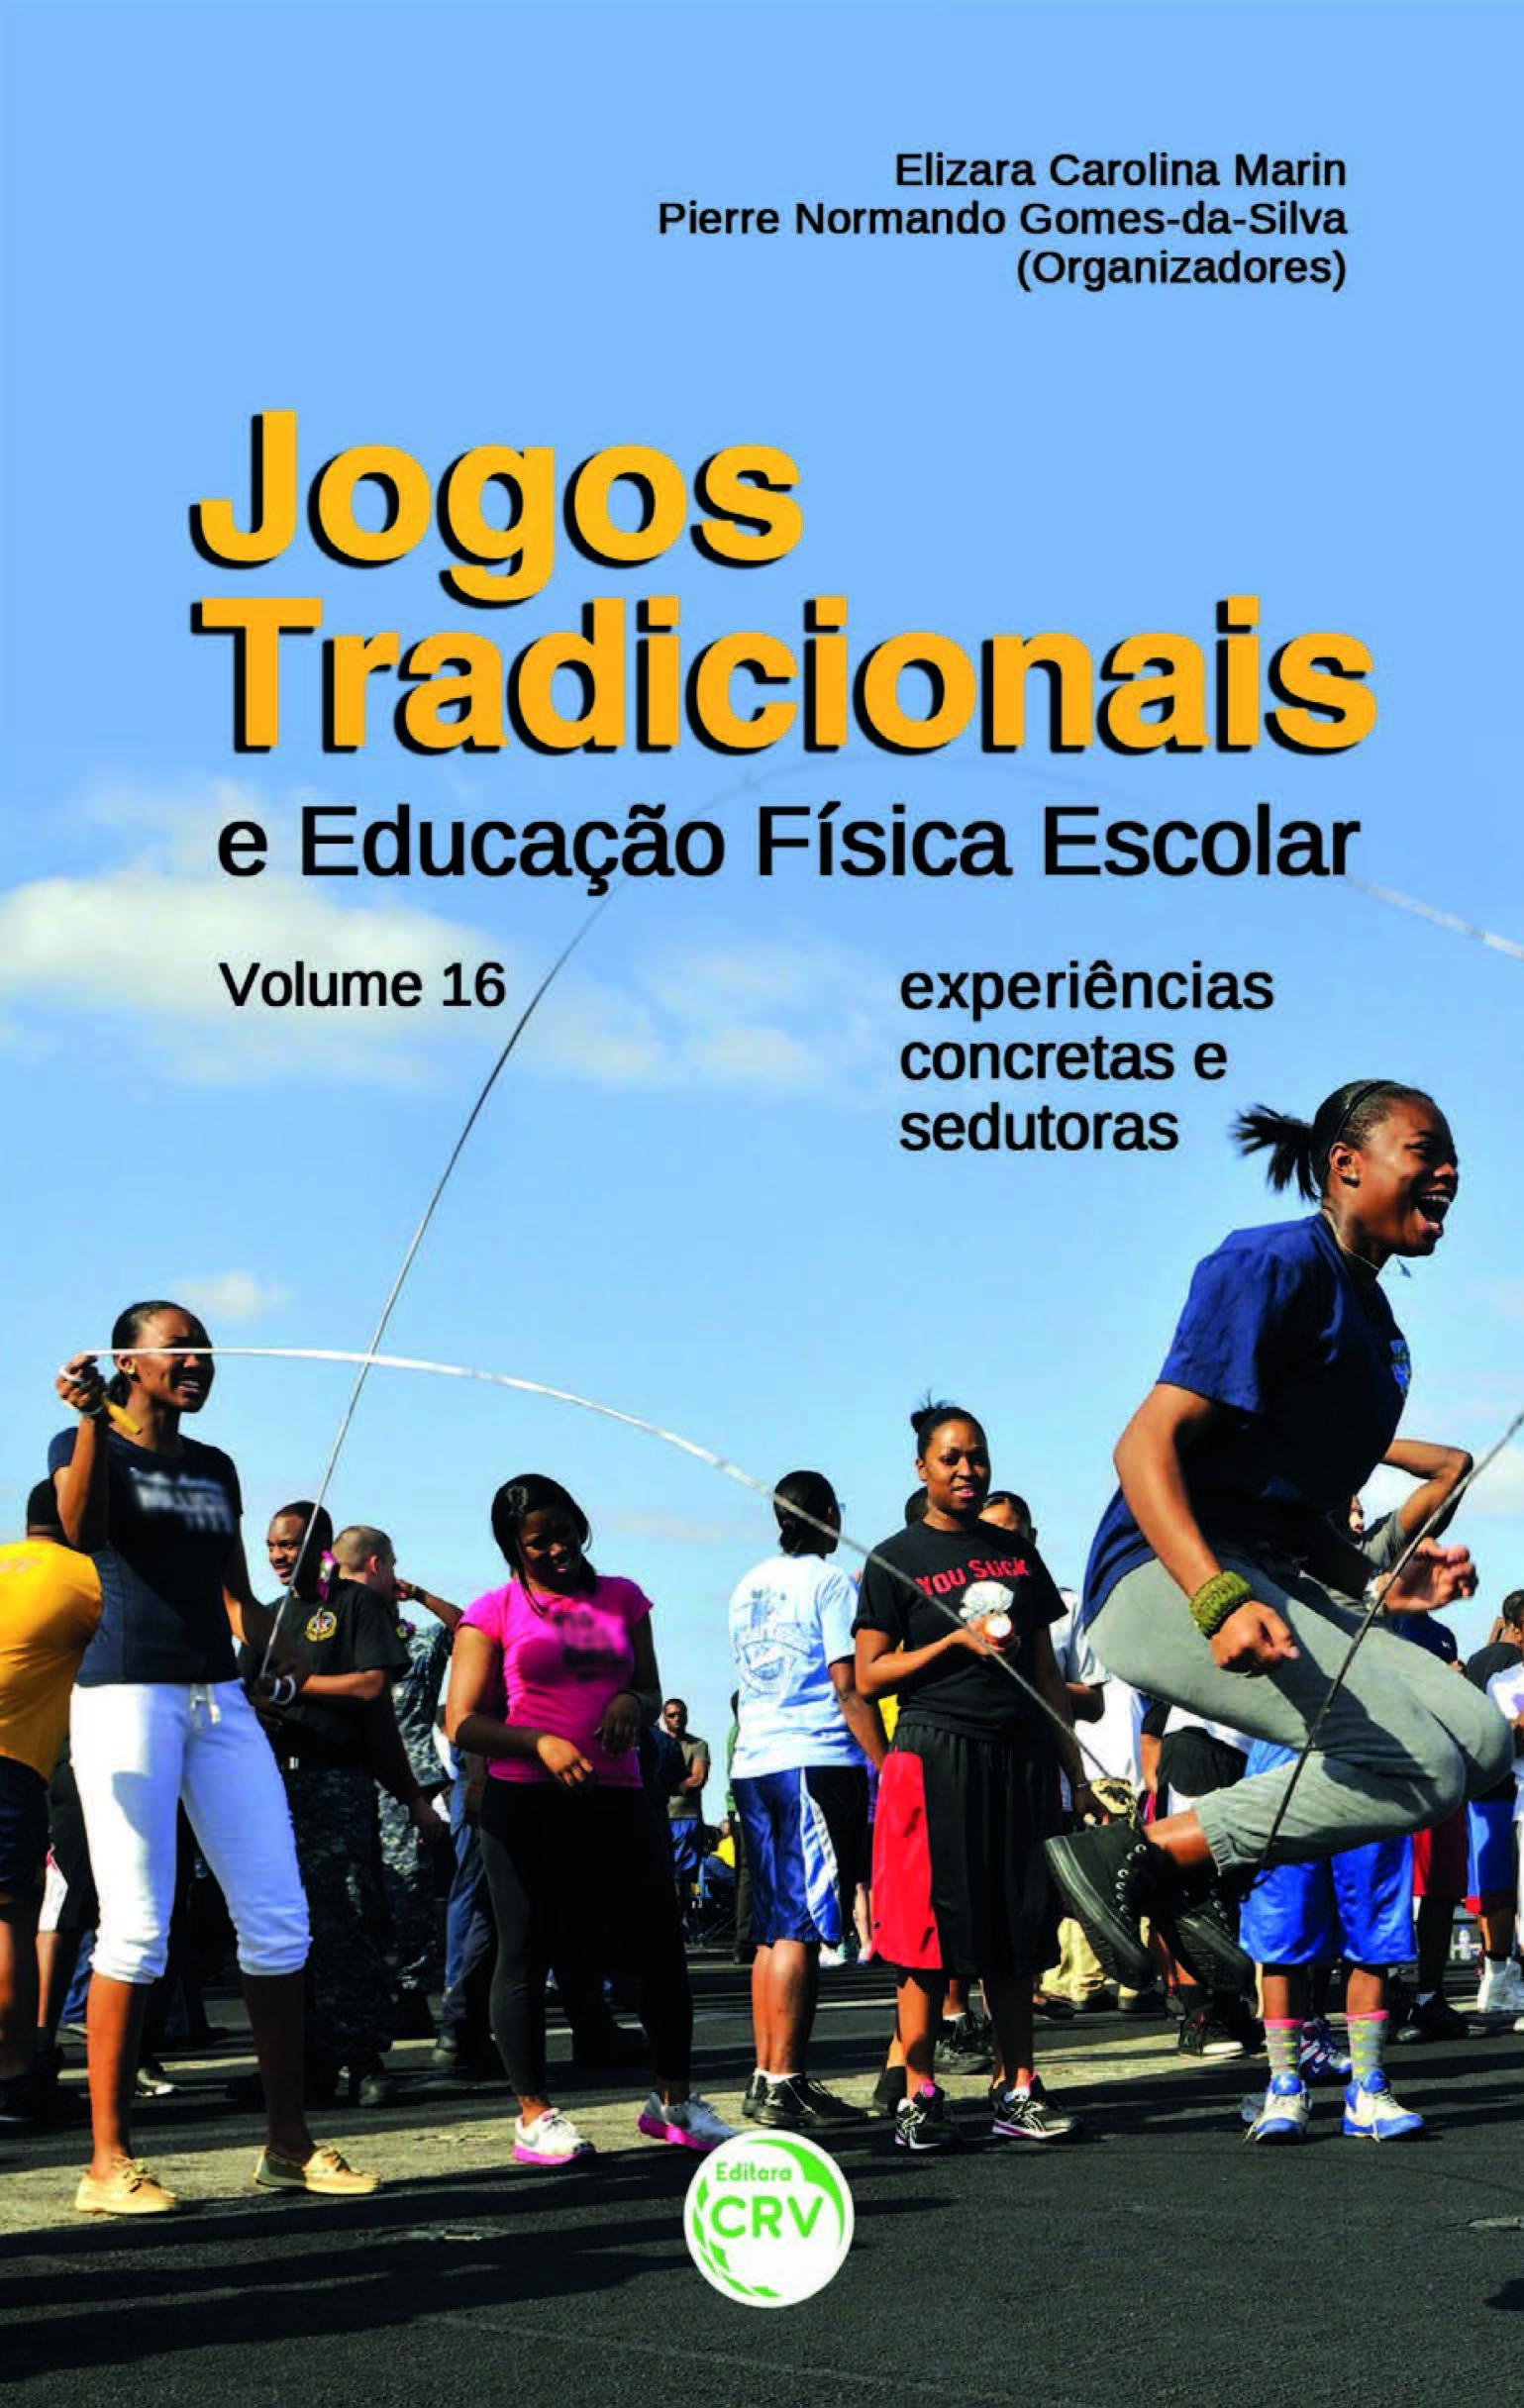 Capa do livro: JOGOS TRADICIONAIS E EDUCAÇÃO FÍSICA ESCOLAR:<br>experiências concretas e sedutoras<br> Volume 16